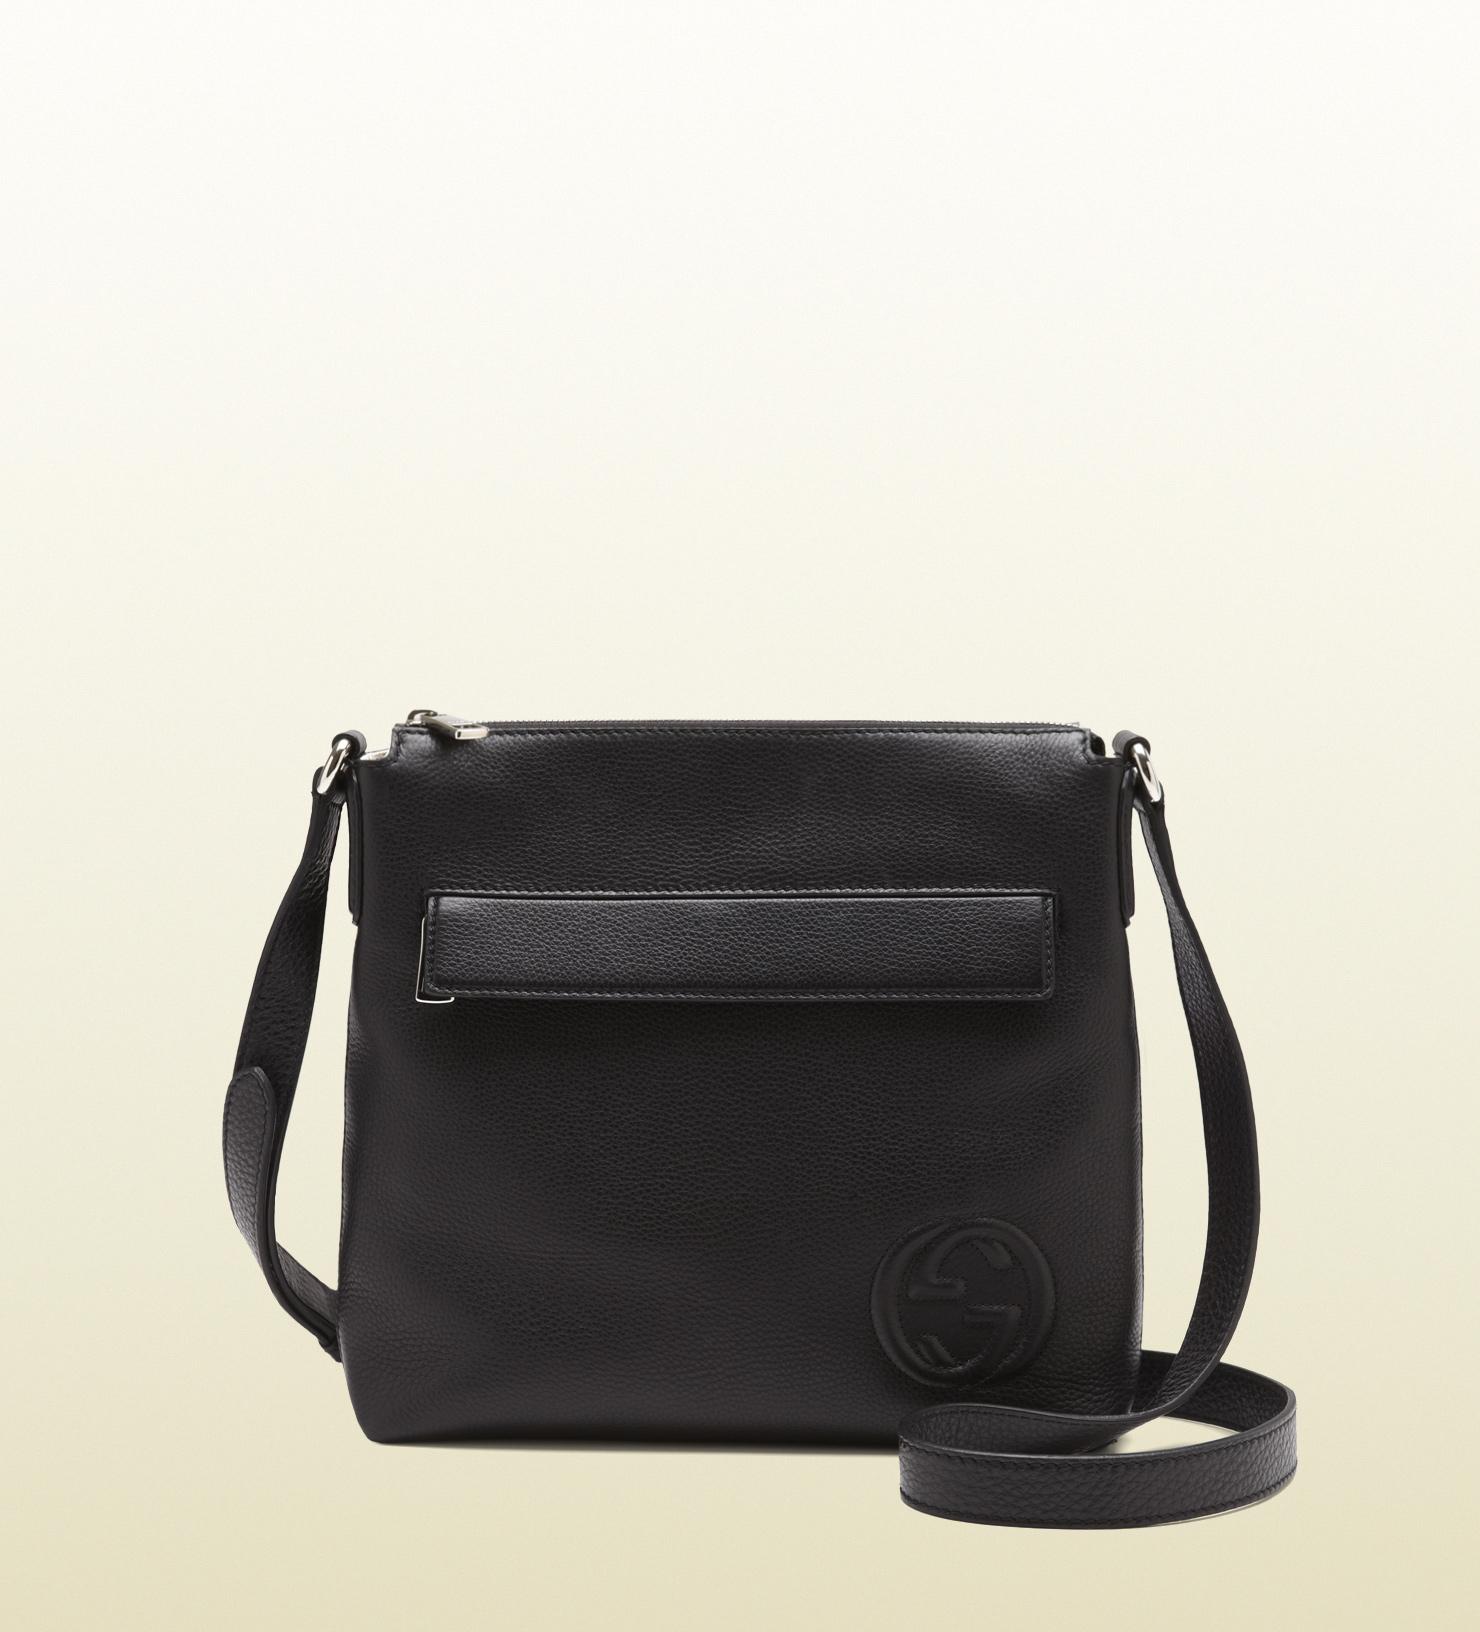 gucci black leather messenger bag in black for men lyst. Black Bedroom Furniture Sets. Home Design Ideas